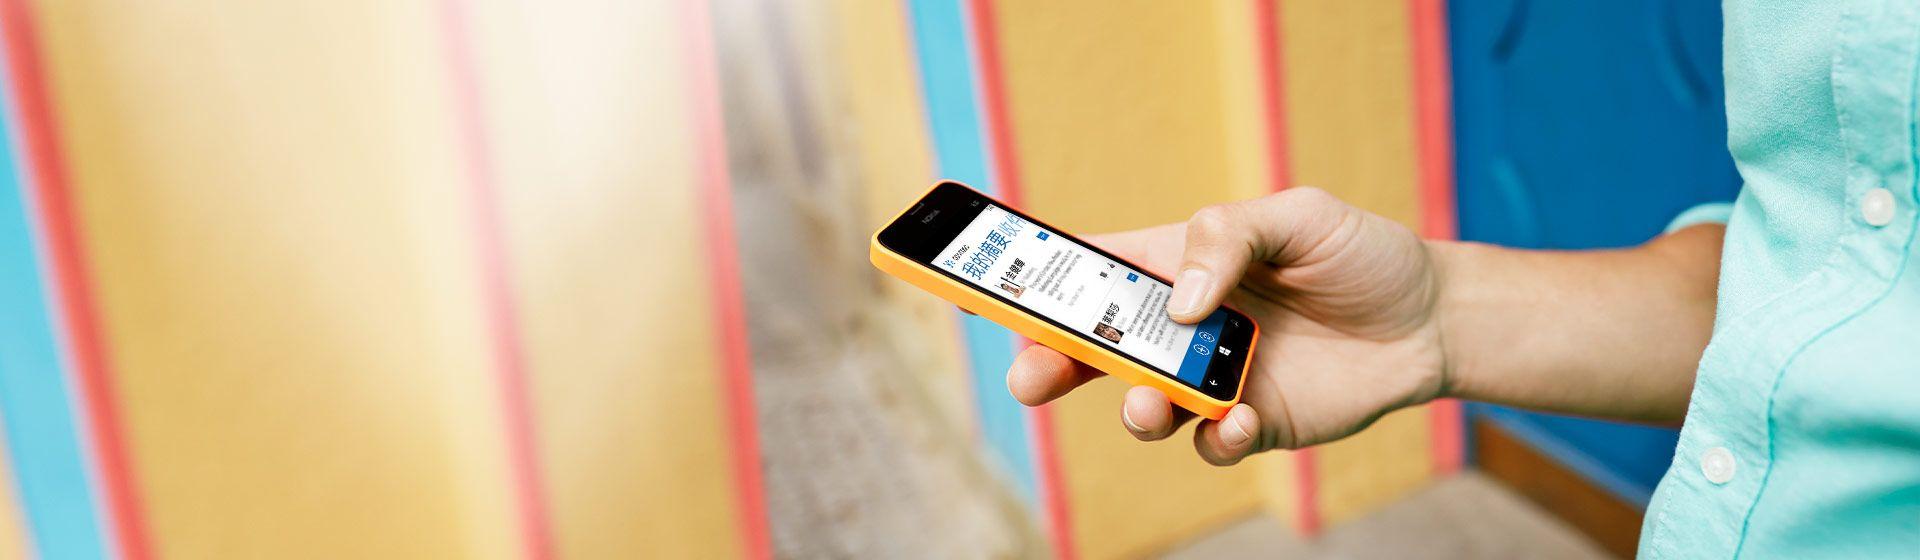 拿著 Windows 手機的一隻手,手機顯示 Yammer 行動裝置 App 摘要的影像